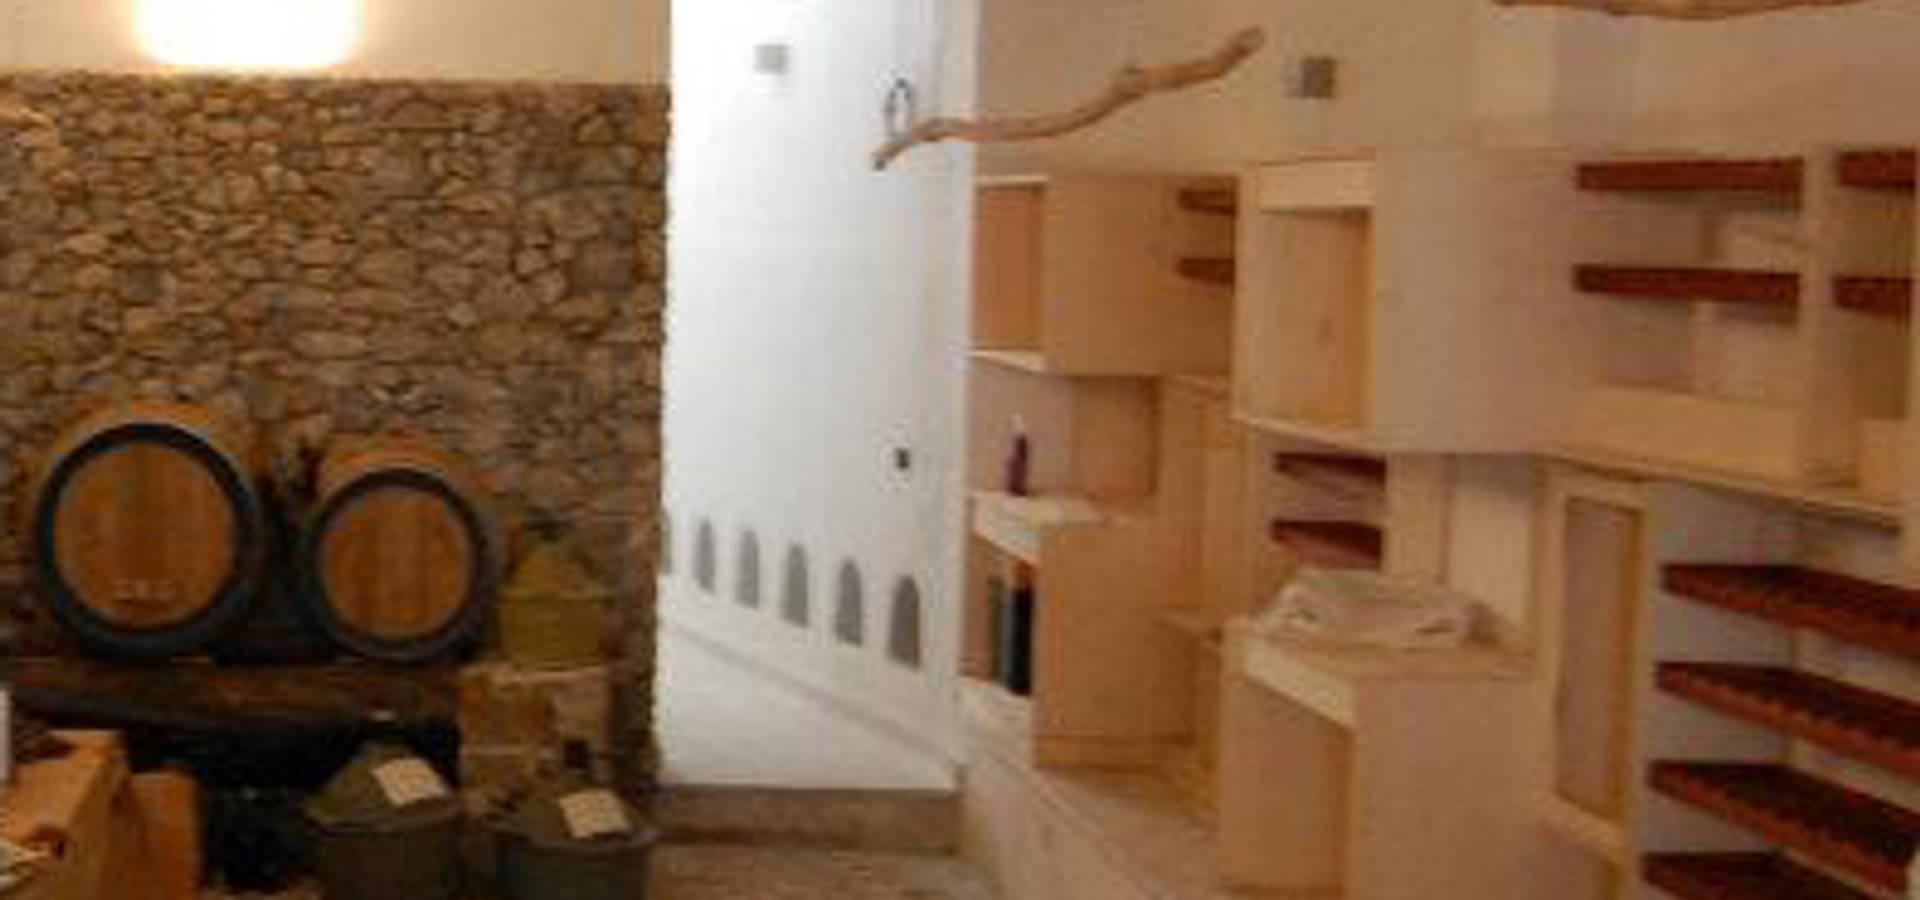 Studio di architettura Linea18